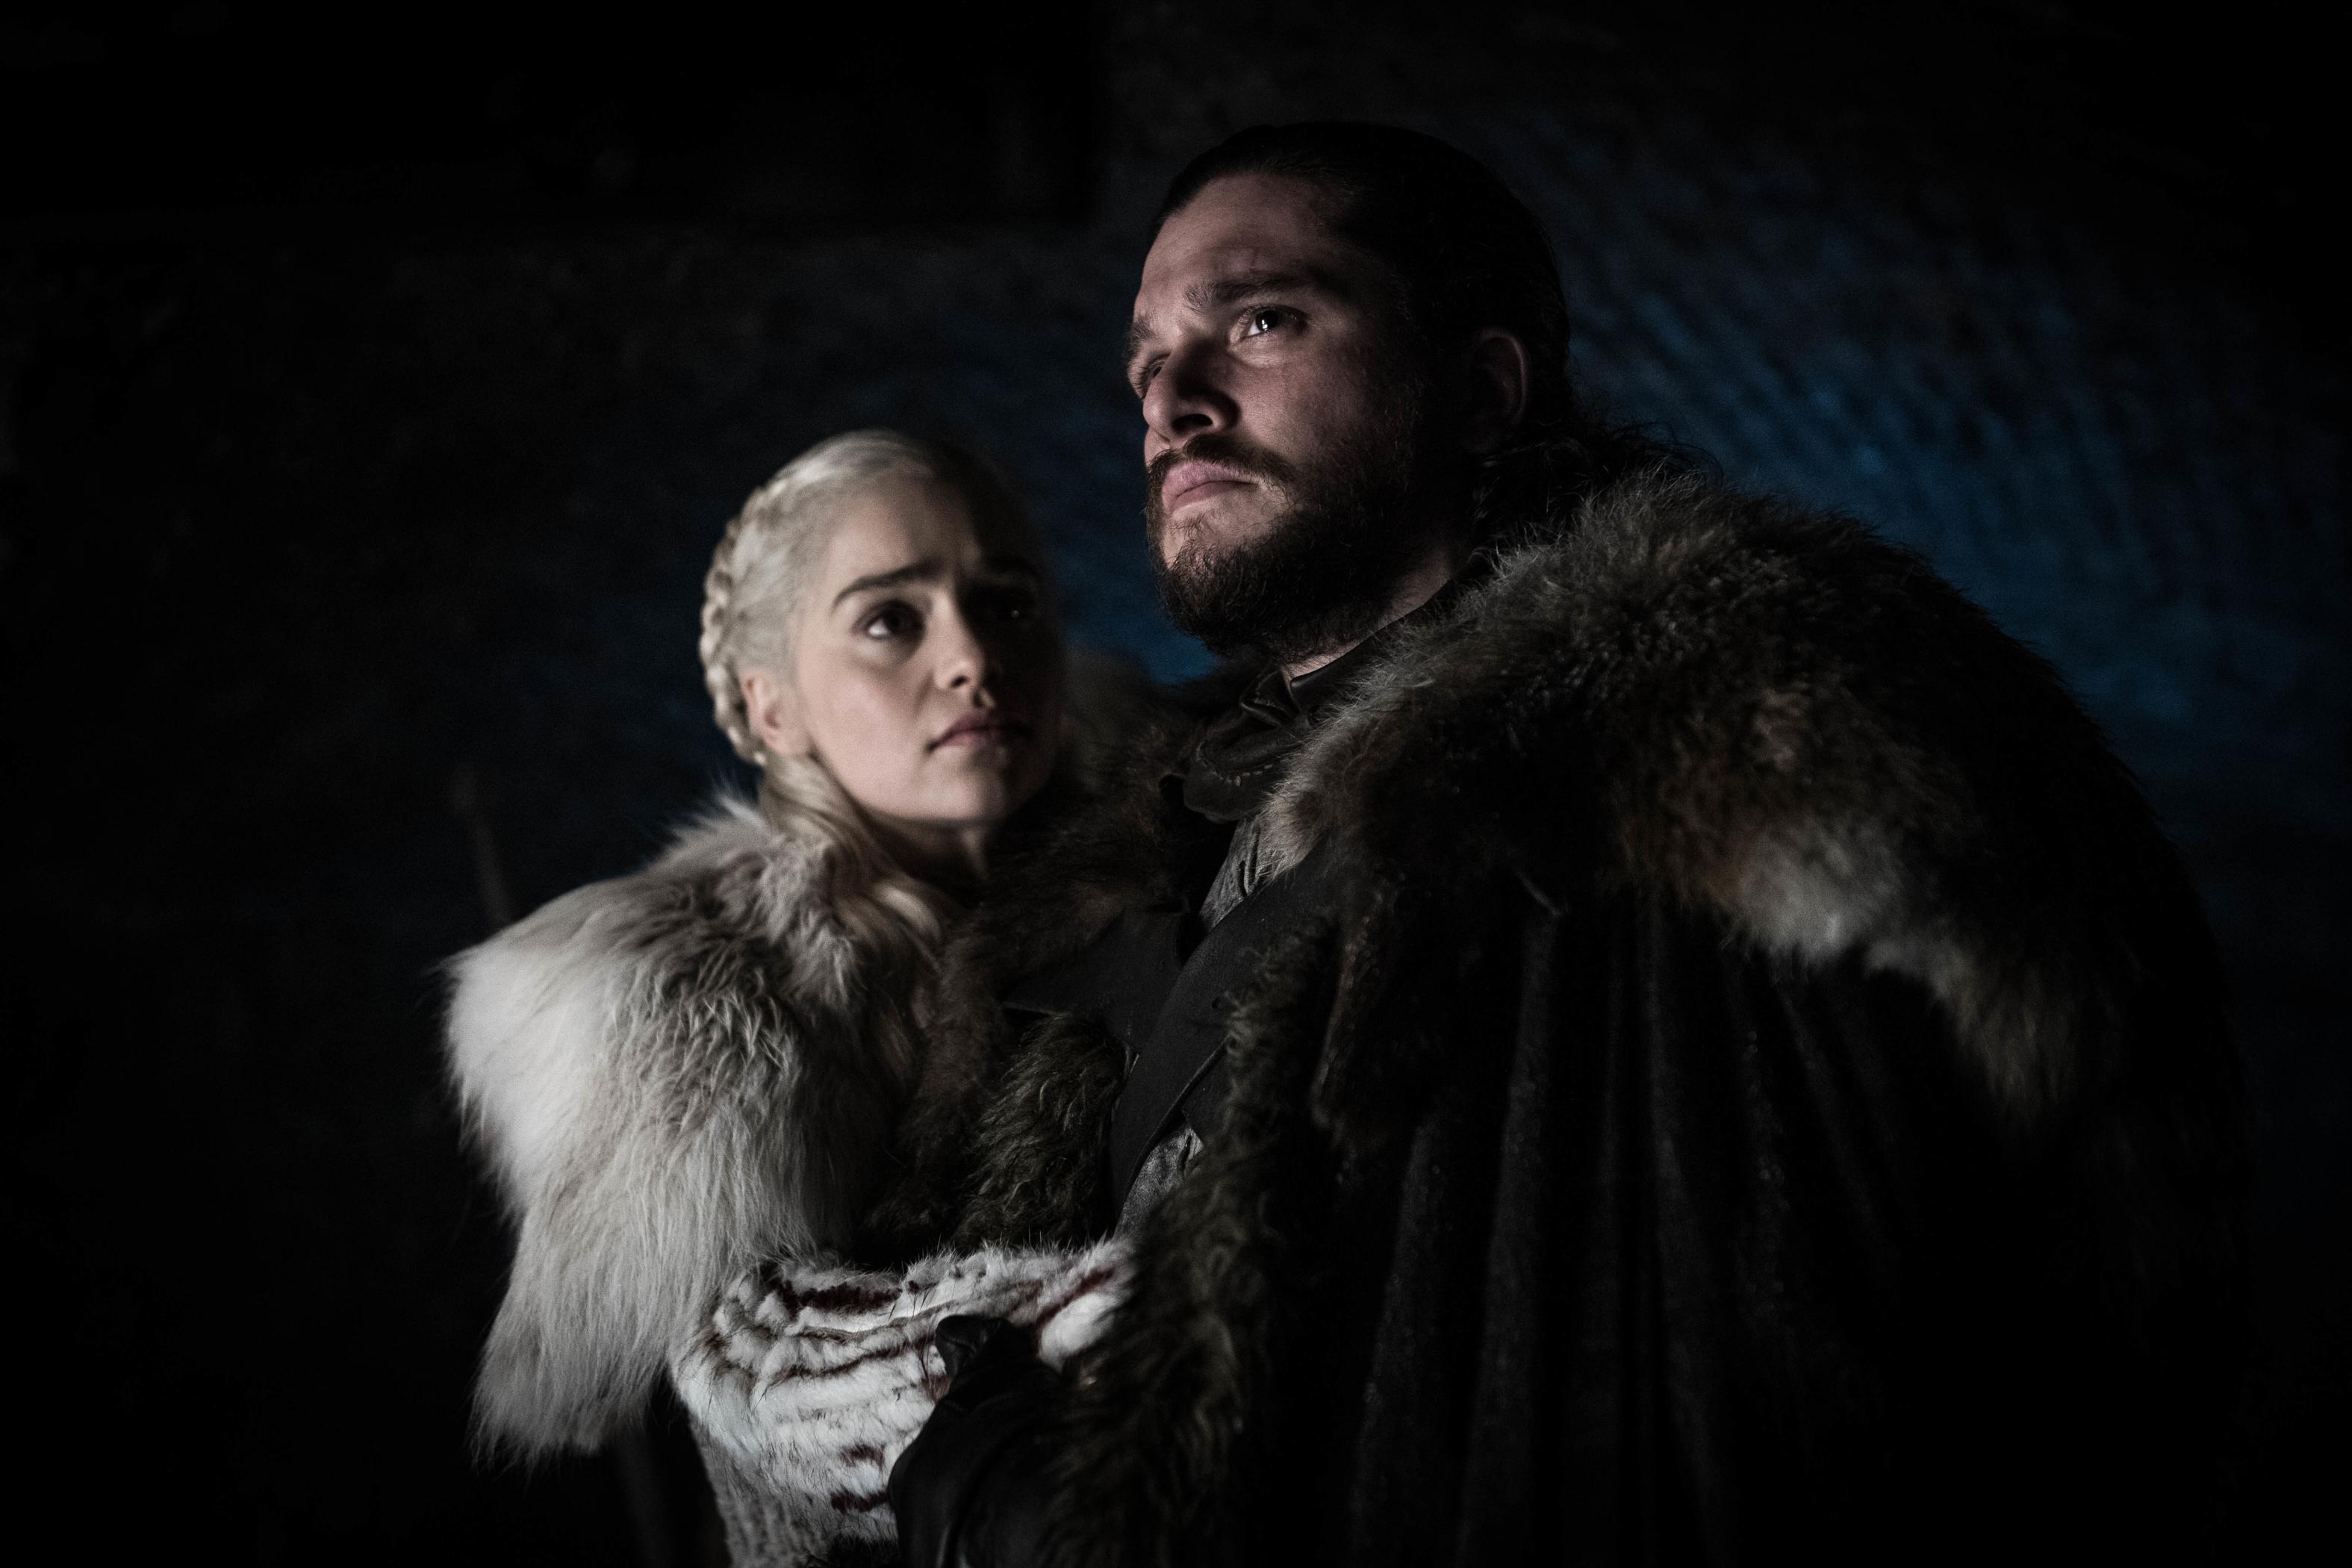 Jon and Dany look towards the future